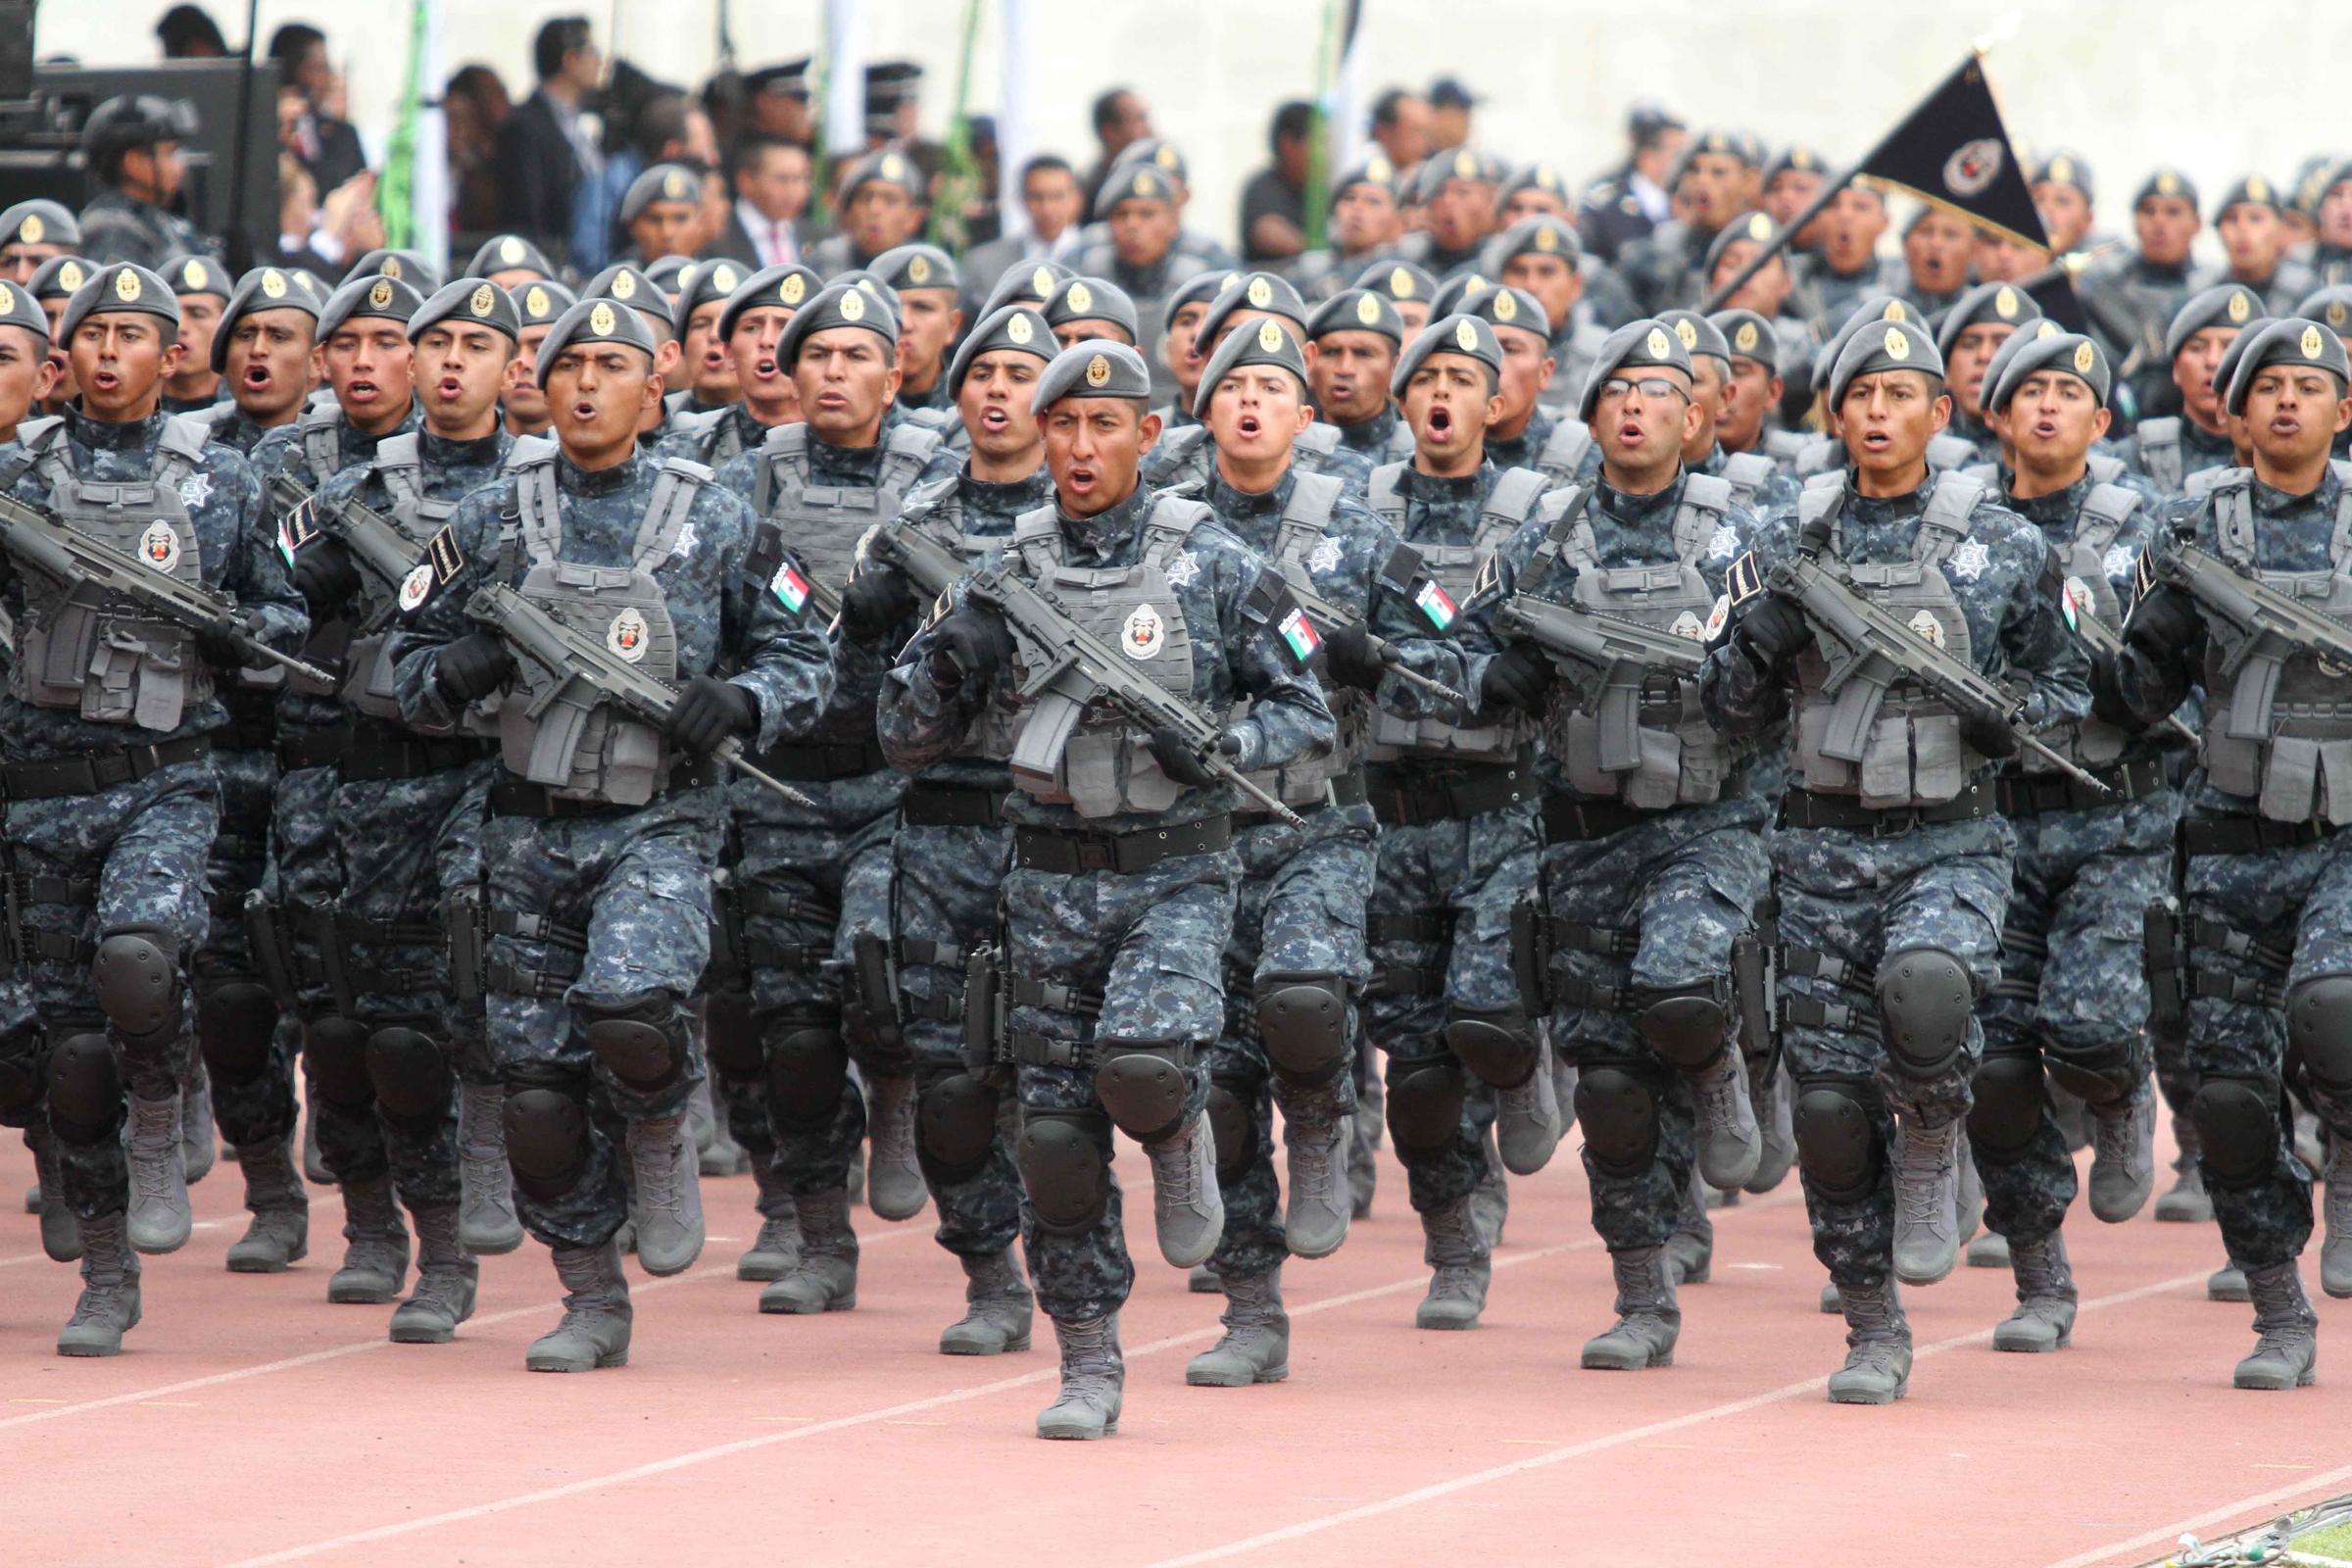 Gendarmería debe proteger derechos de personas y no intereses empresariales